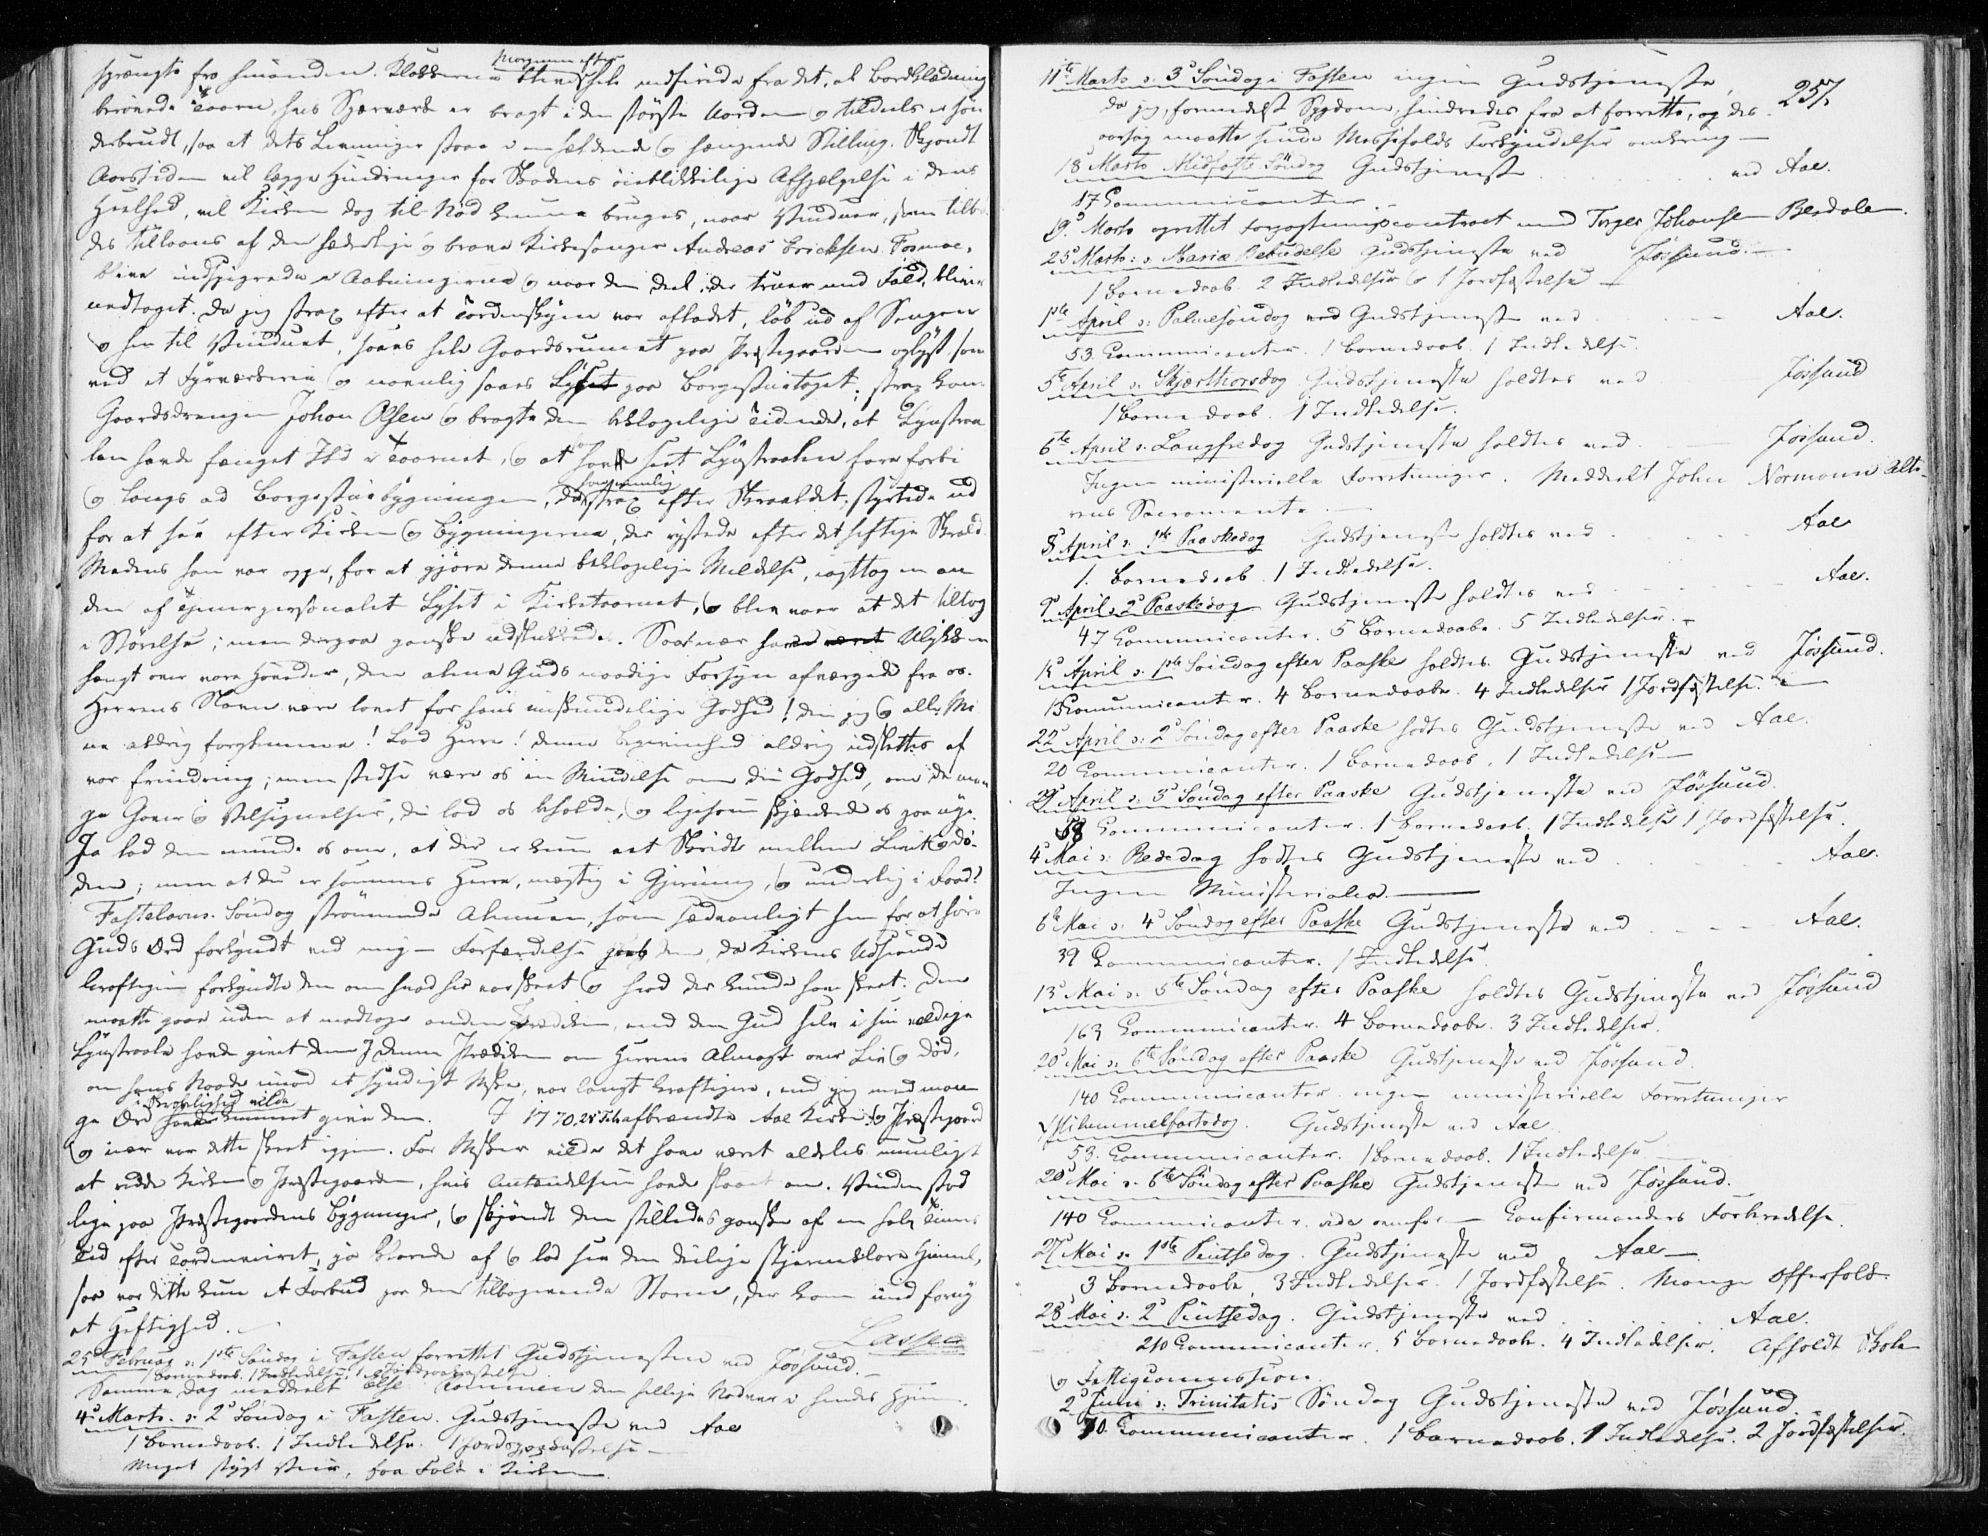 SAT, Ministerialprotokoller, klokkerbøker og fødselsregistre - Sør-Trøndelag, 655/L0677: Ministerialbok nr. 655A06, 1847-1860, s. 257